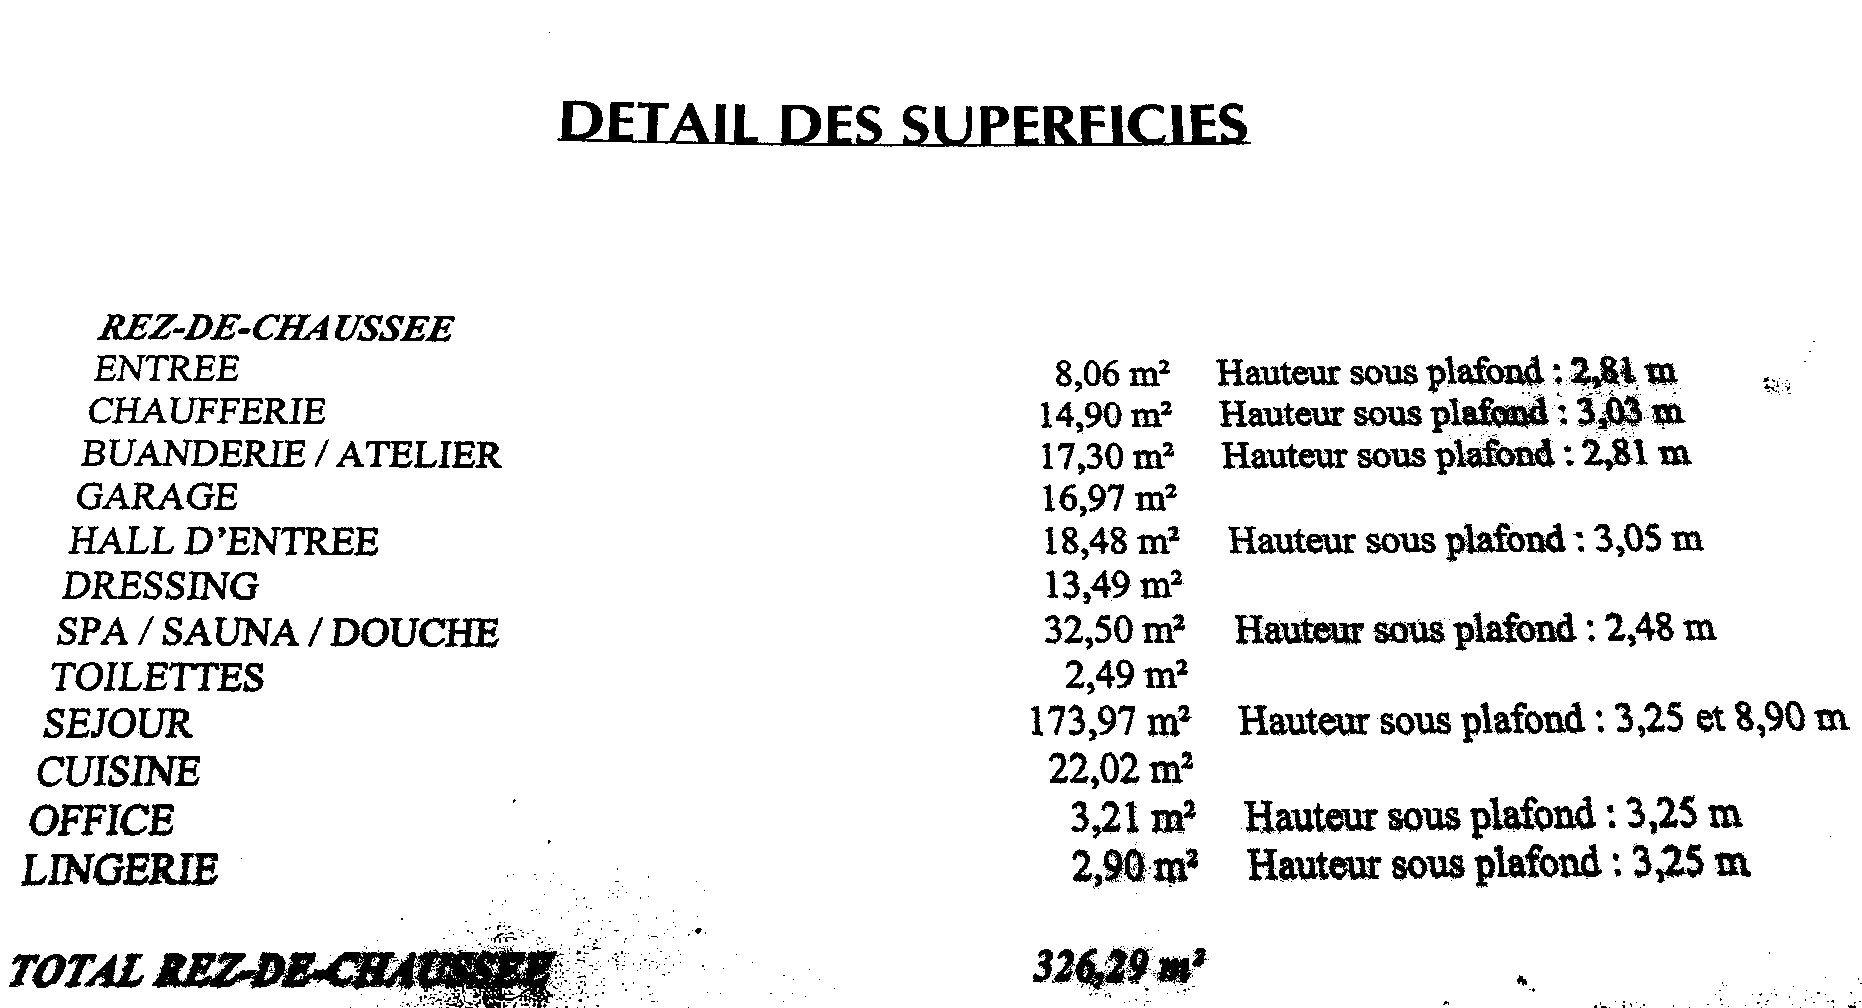 PICPUS SAINT MANDE Paris 12e, loft de luxe aux superbes volumes